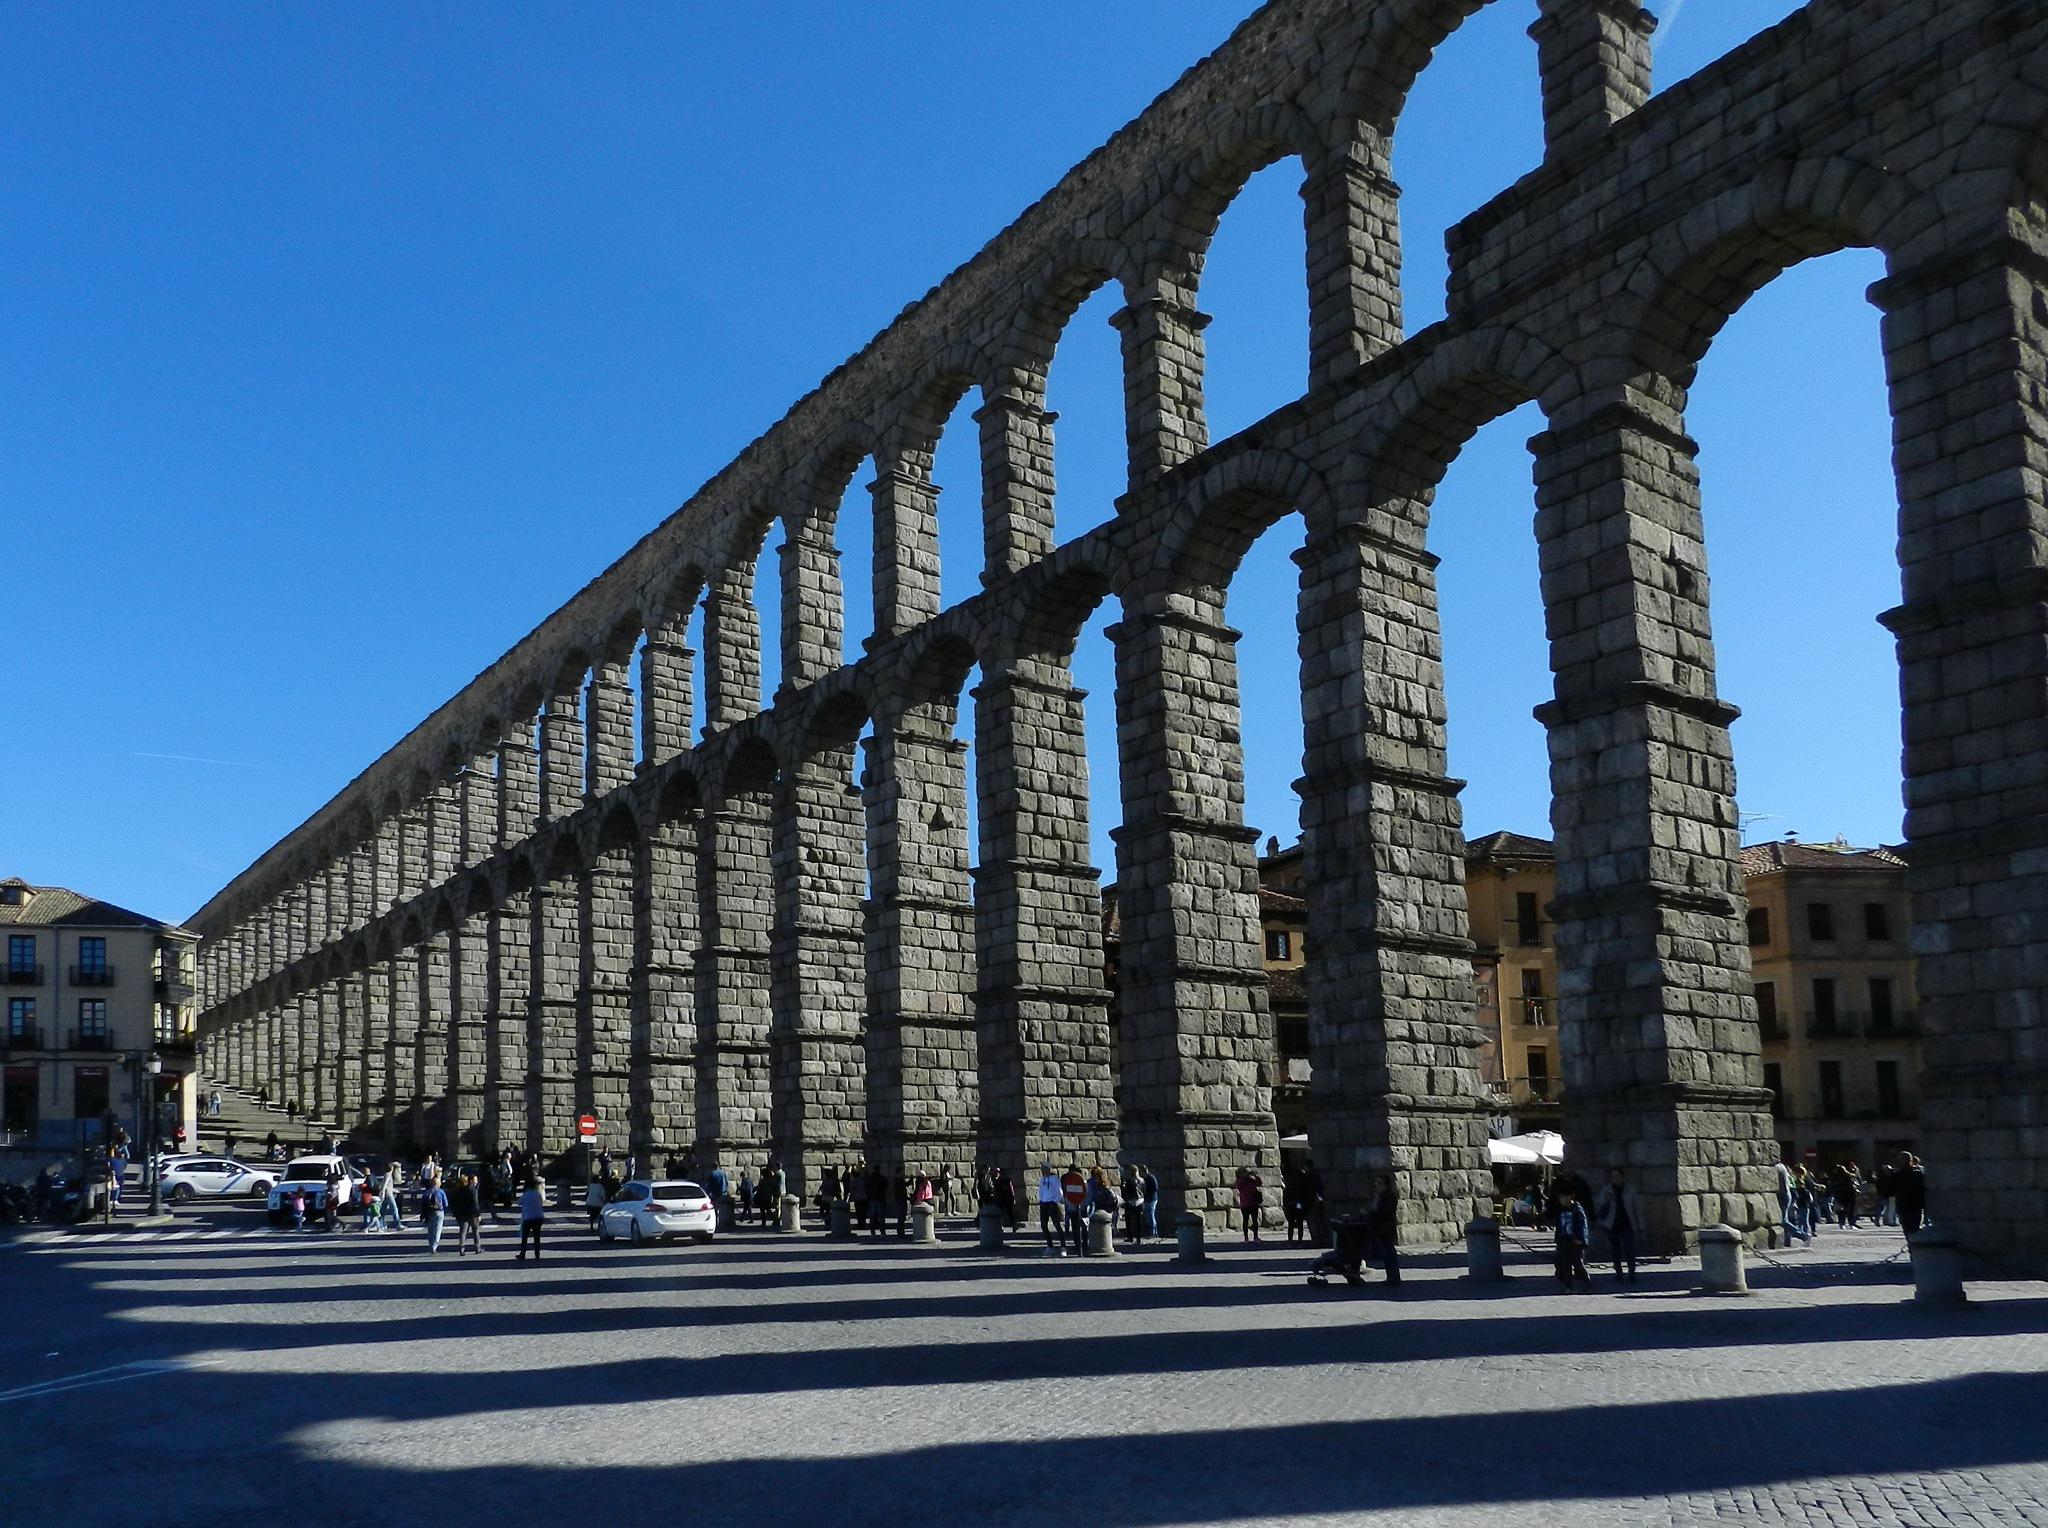 El Acueducto de Segovia. Spain.             by SvetlanaRubtcova